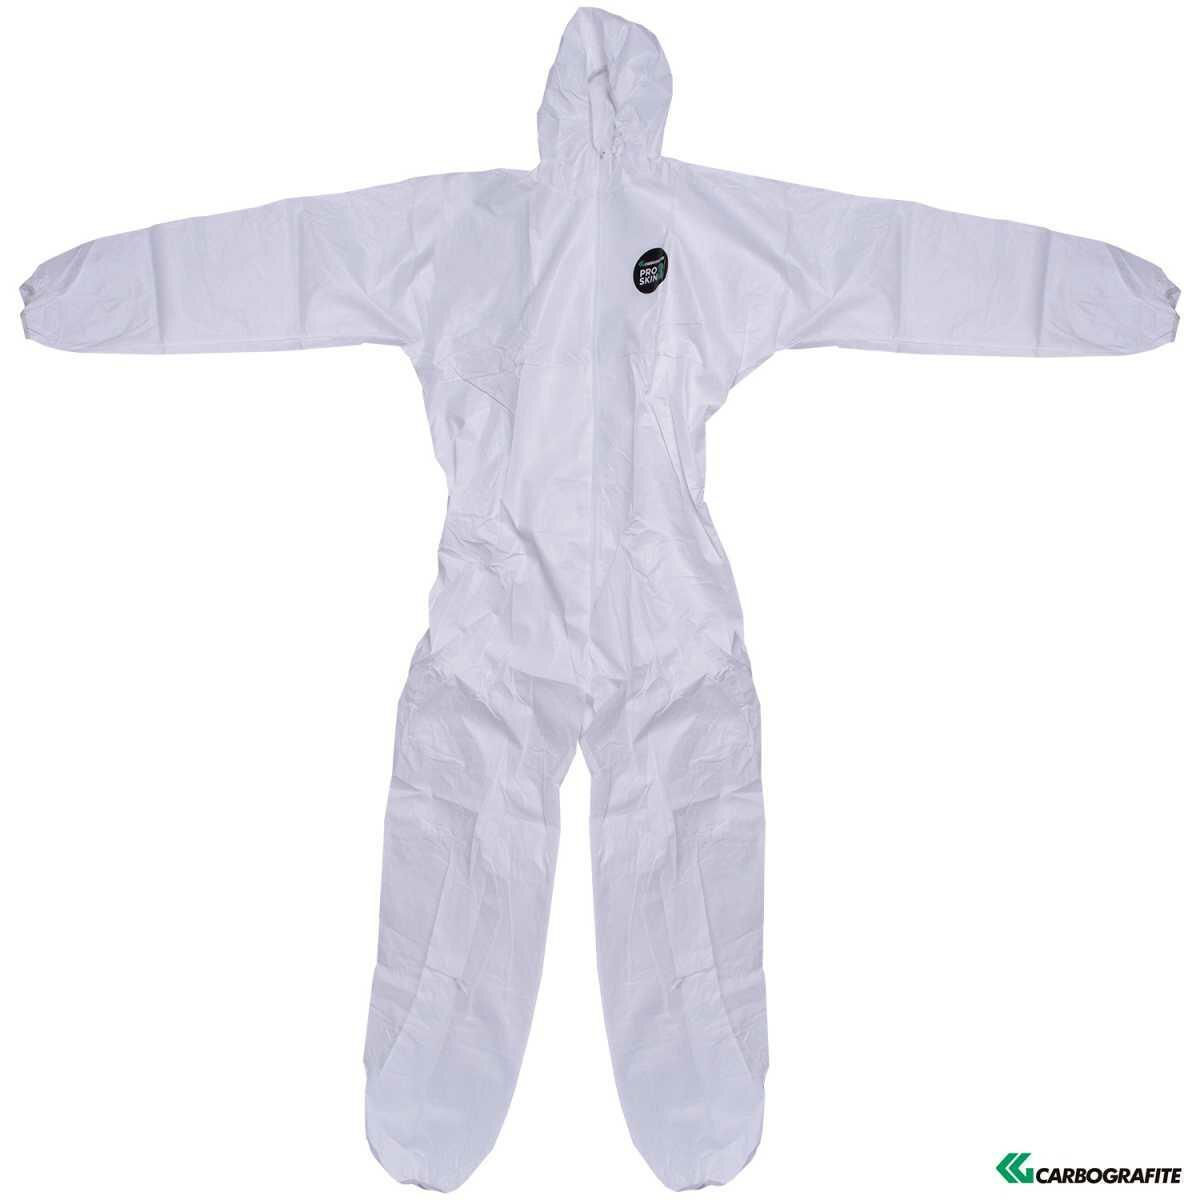 Vestimenta/macacão de Proteção Pro Skin 3 Carbografite - Tamanho M